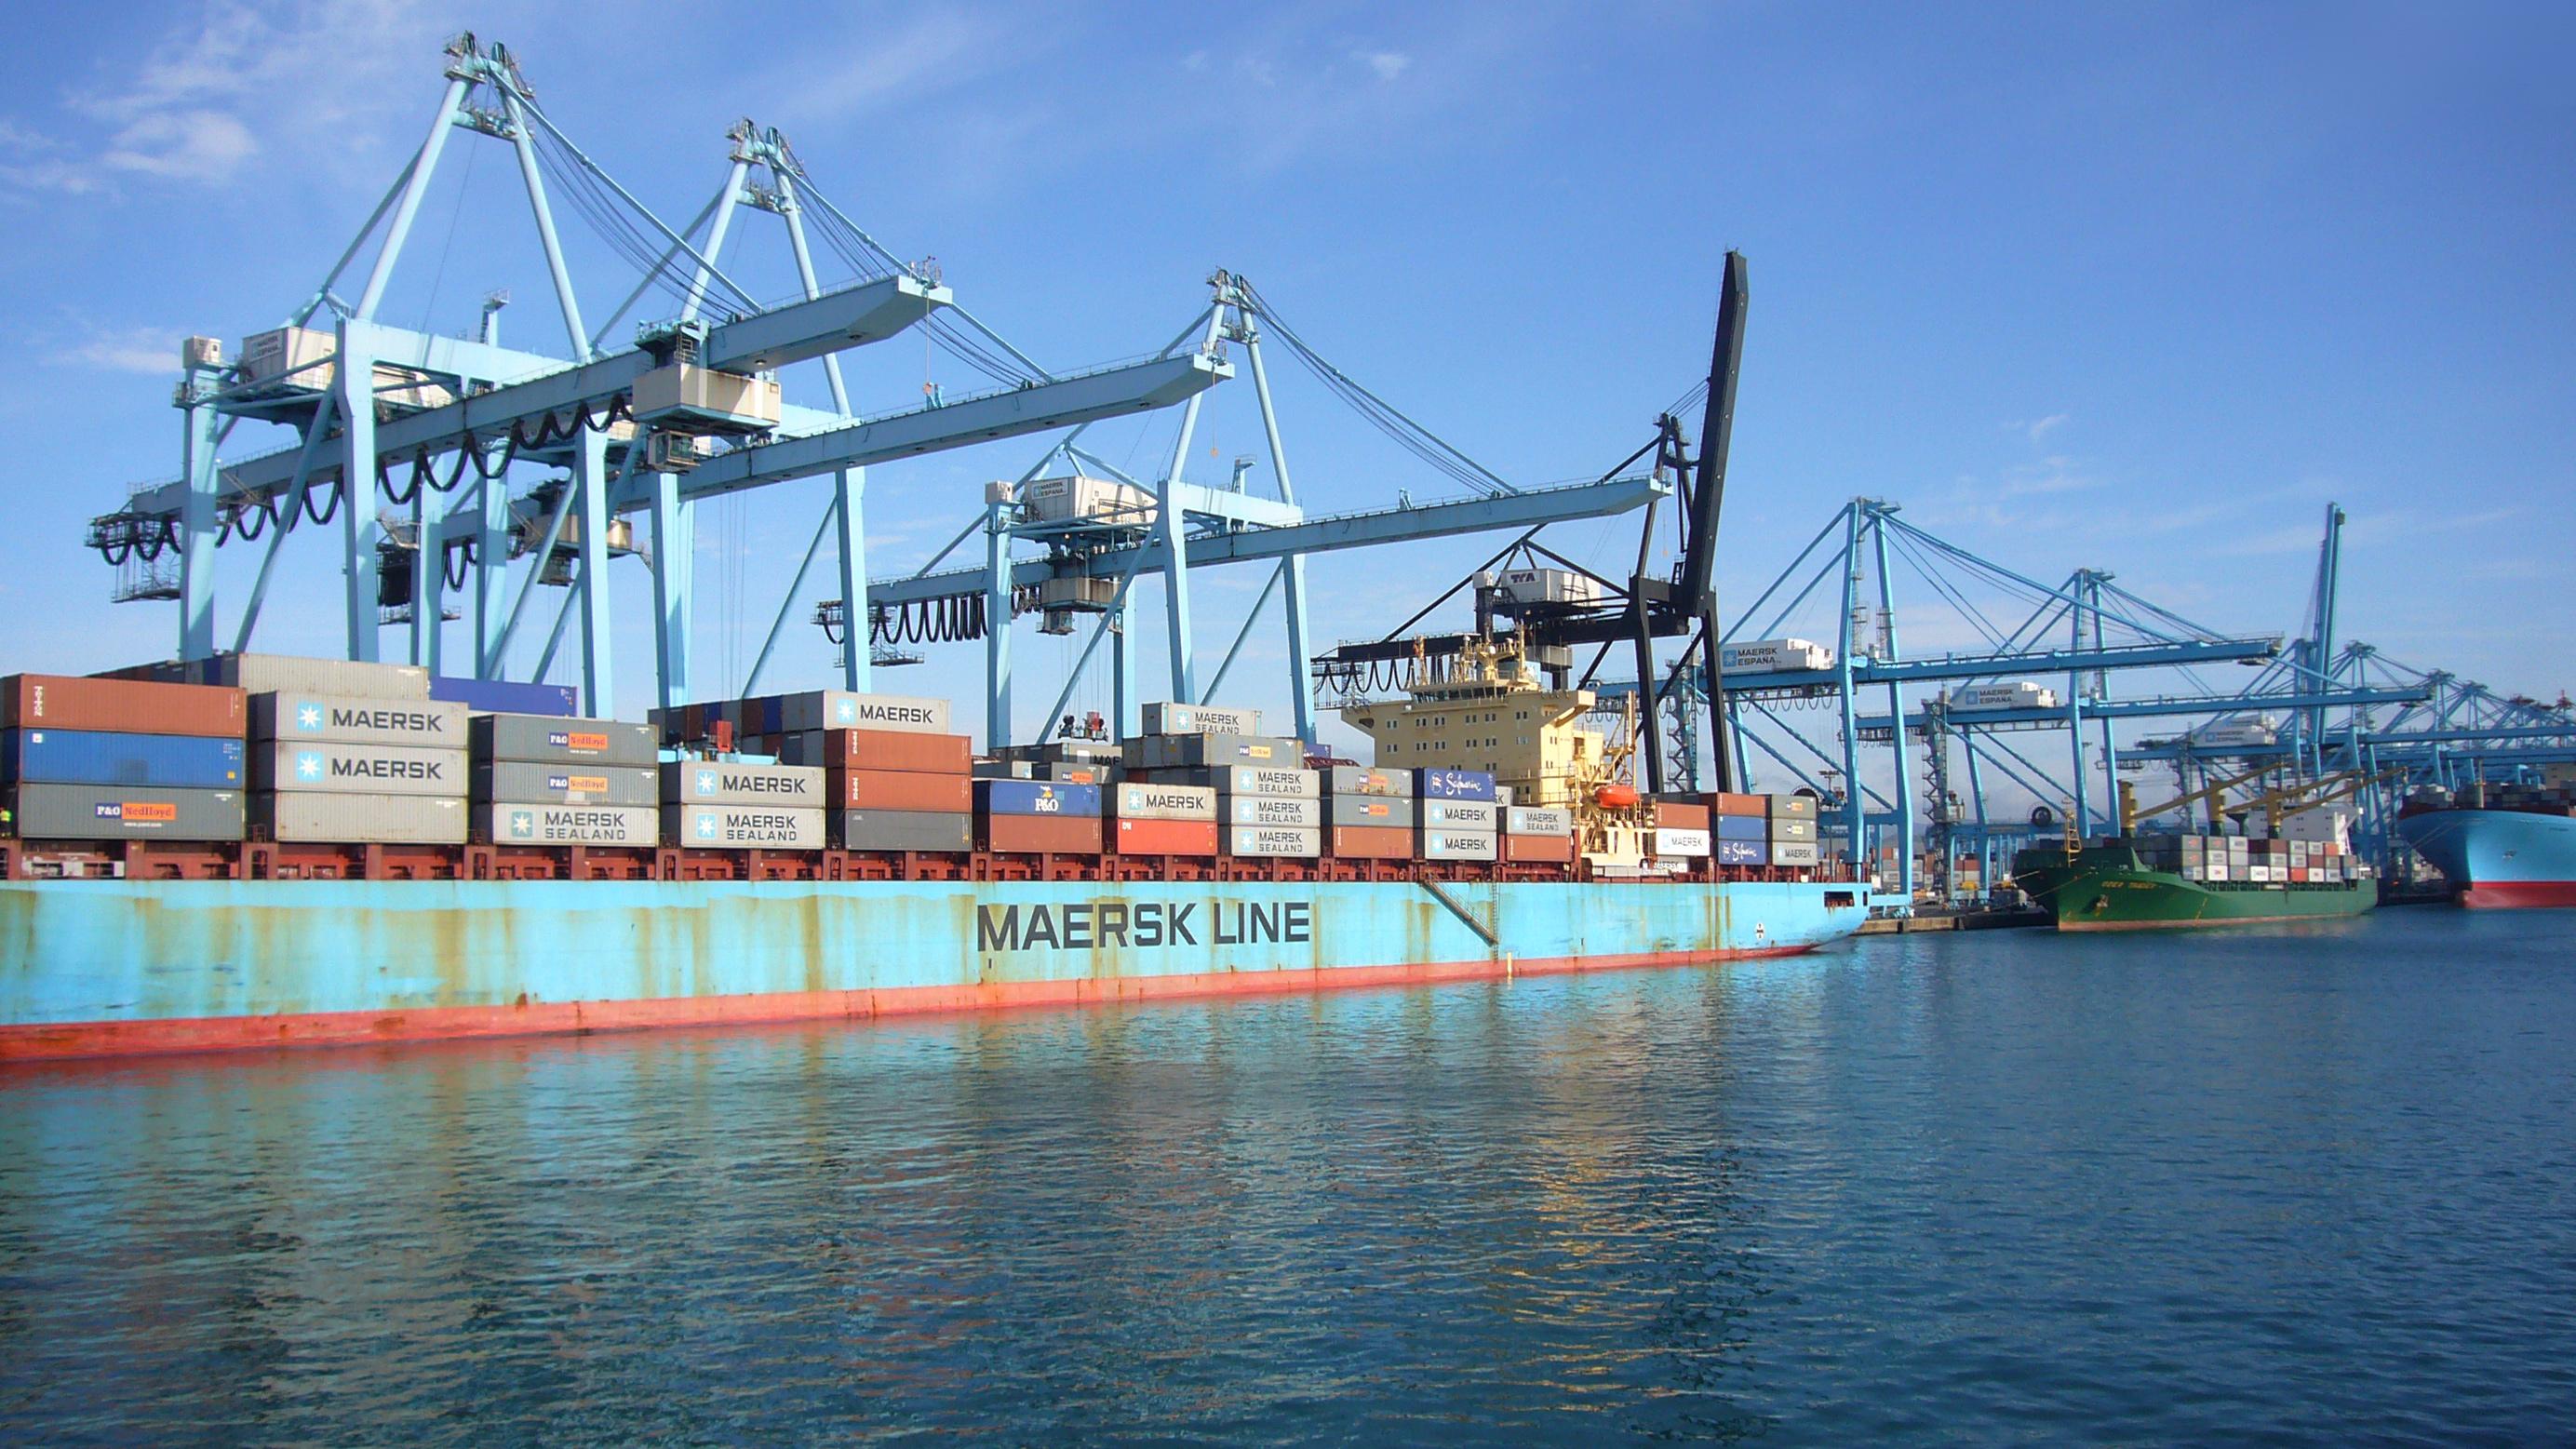 Carguero en el puerto de algeciras - Puerto de algeciras hoy ...